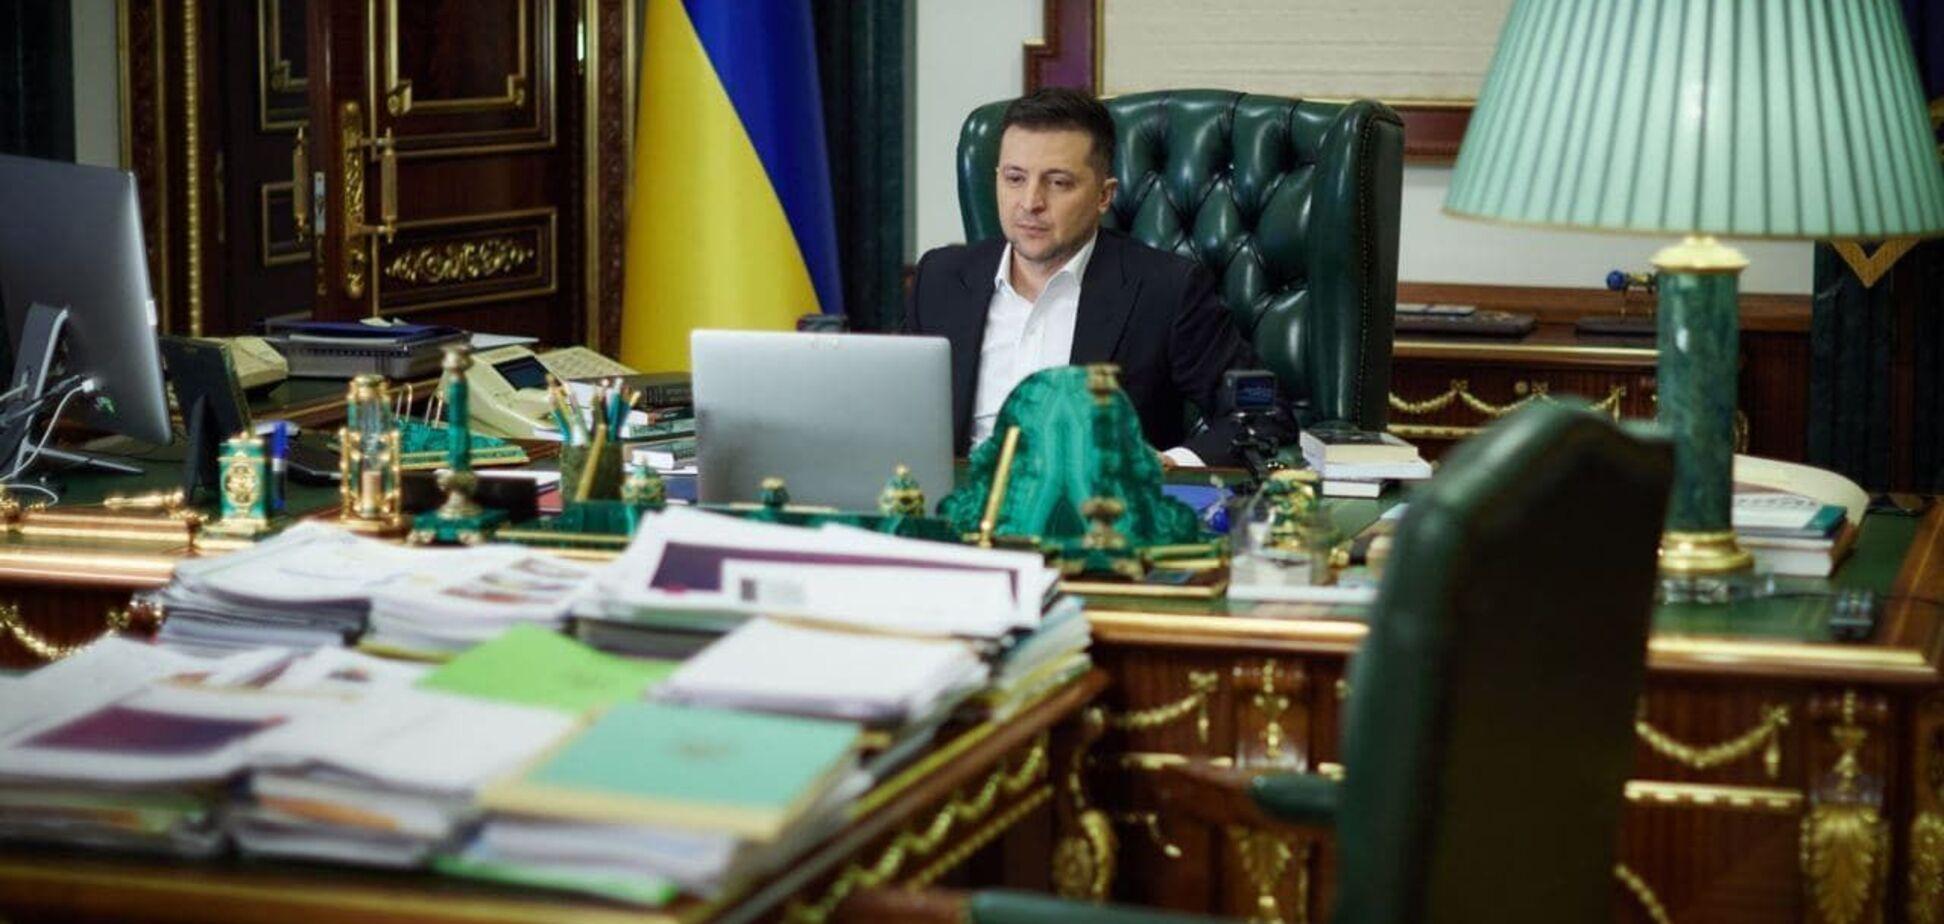 Зеленський призначив Магомедова головою Нацкомісії з цінних паперів